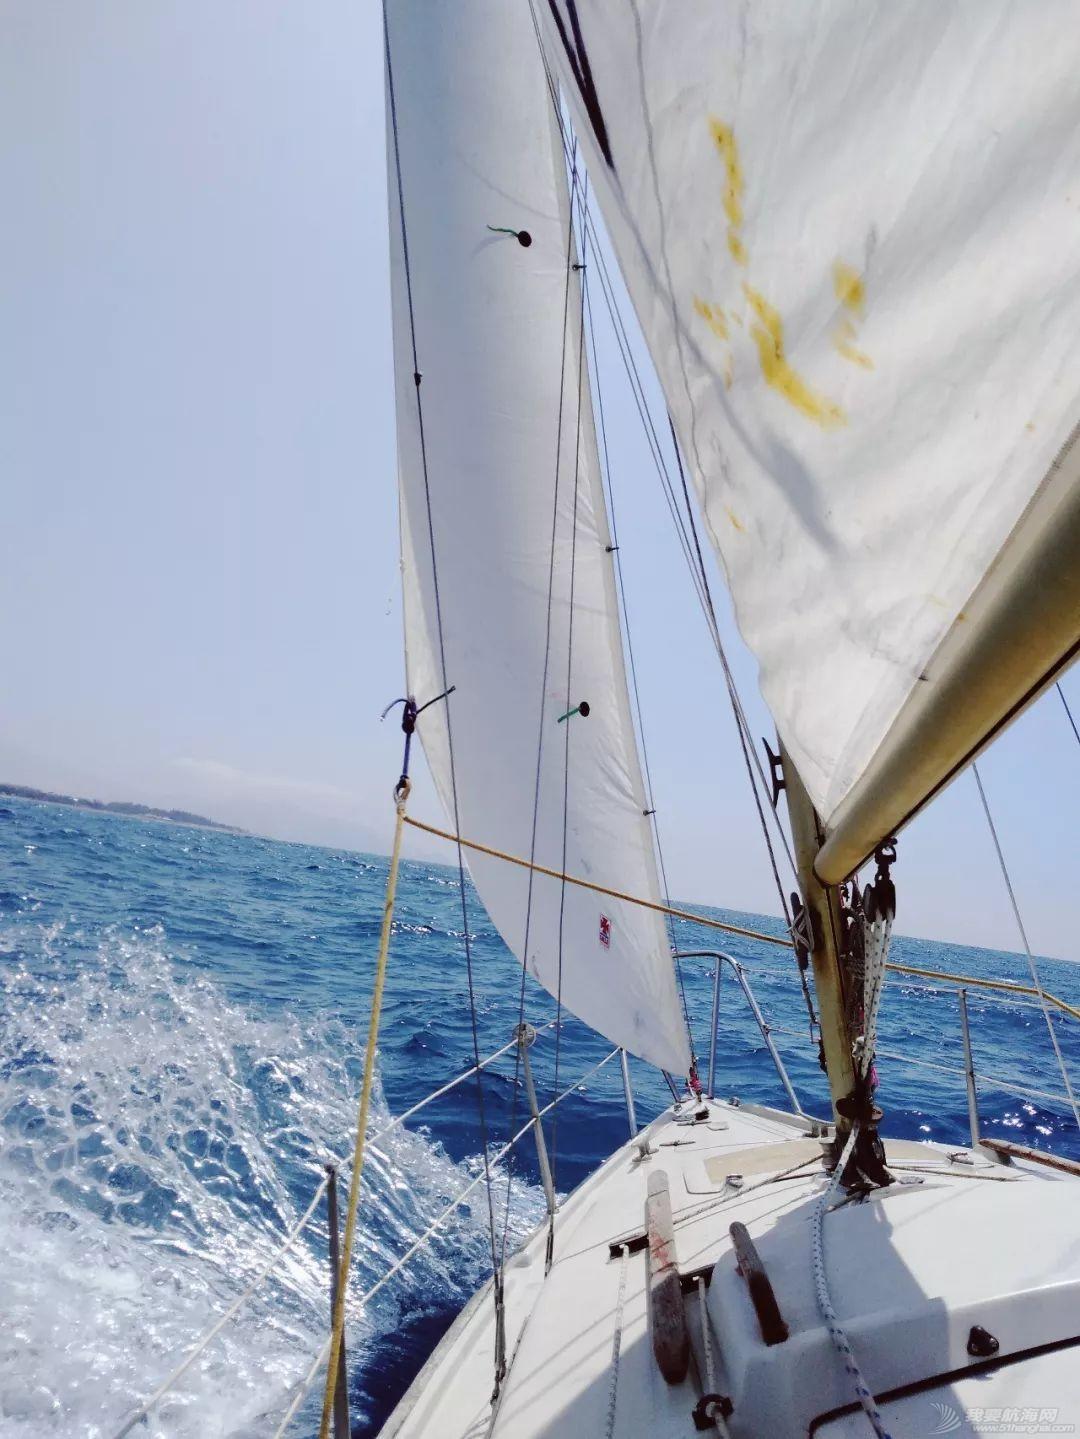 【领带航海】故事分享会-从大西洋到地中海 from fado to flamenco sea story sharingw5.jpg